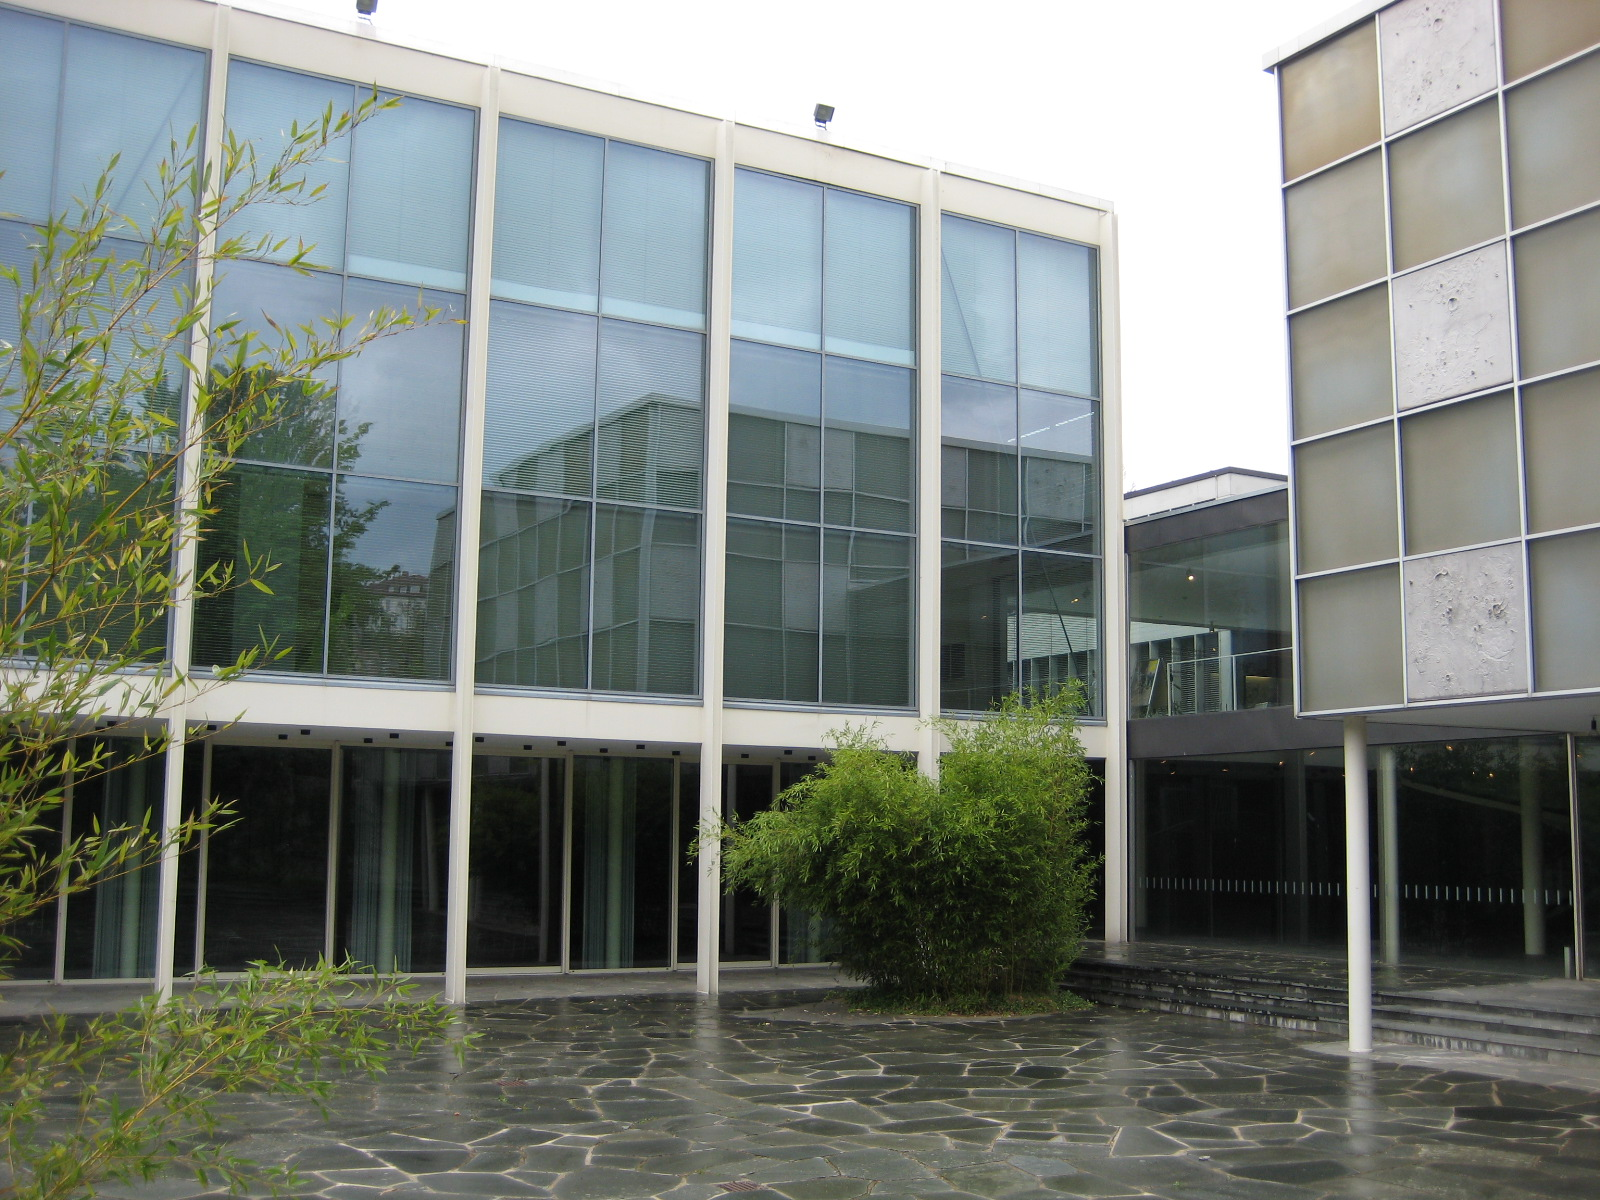 Schmuckmuseum Pforzheim, 2 mei 2010. Foto met dank aan Coert Peter Krabbe, CC BY 4.0